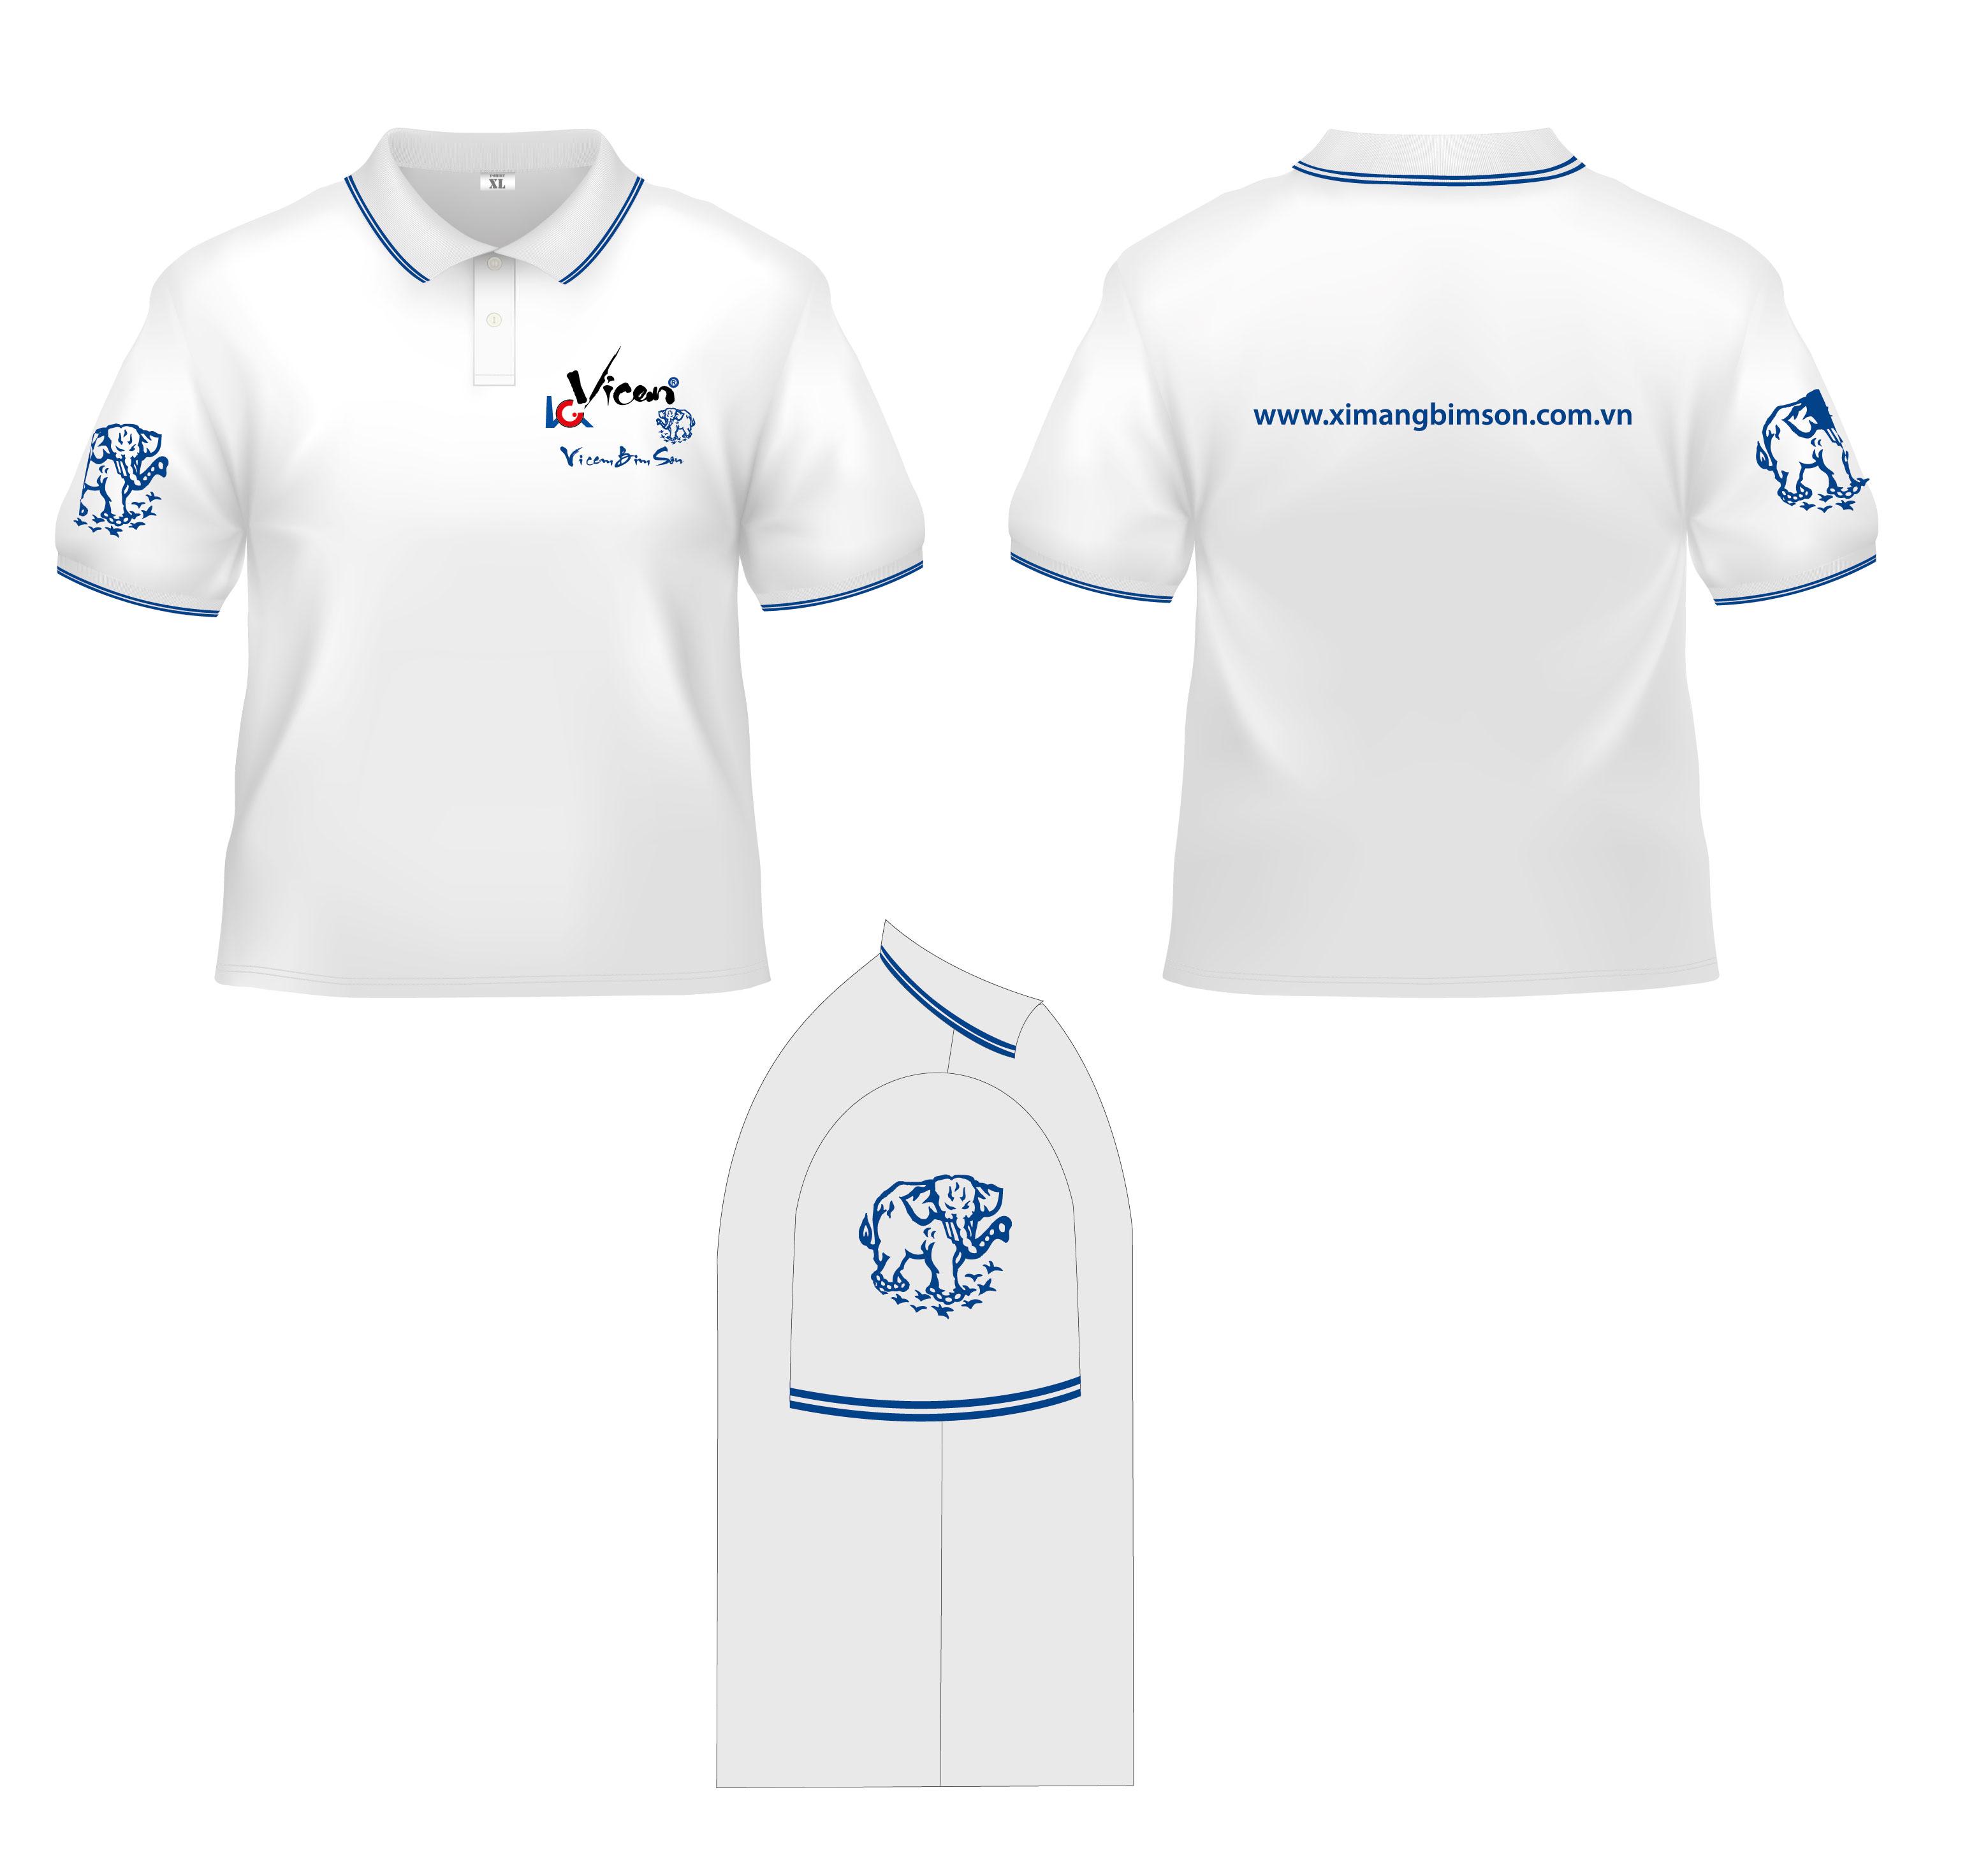 Sản phẩm cần bán: Làm áo thun phát triển thương hiệu Ao_vicem_ok